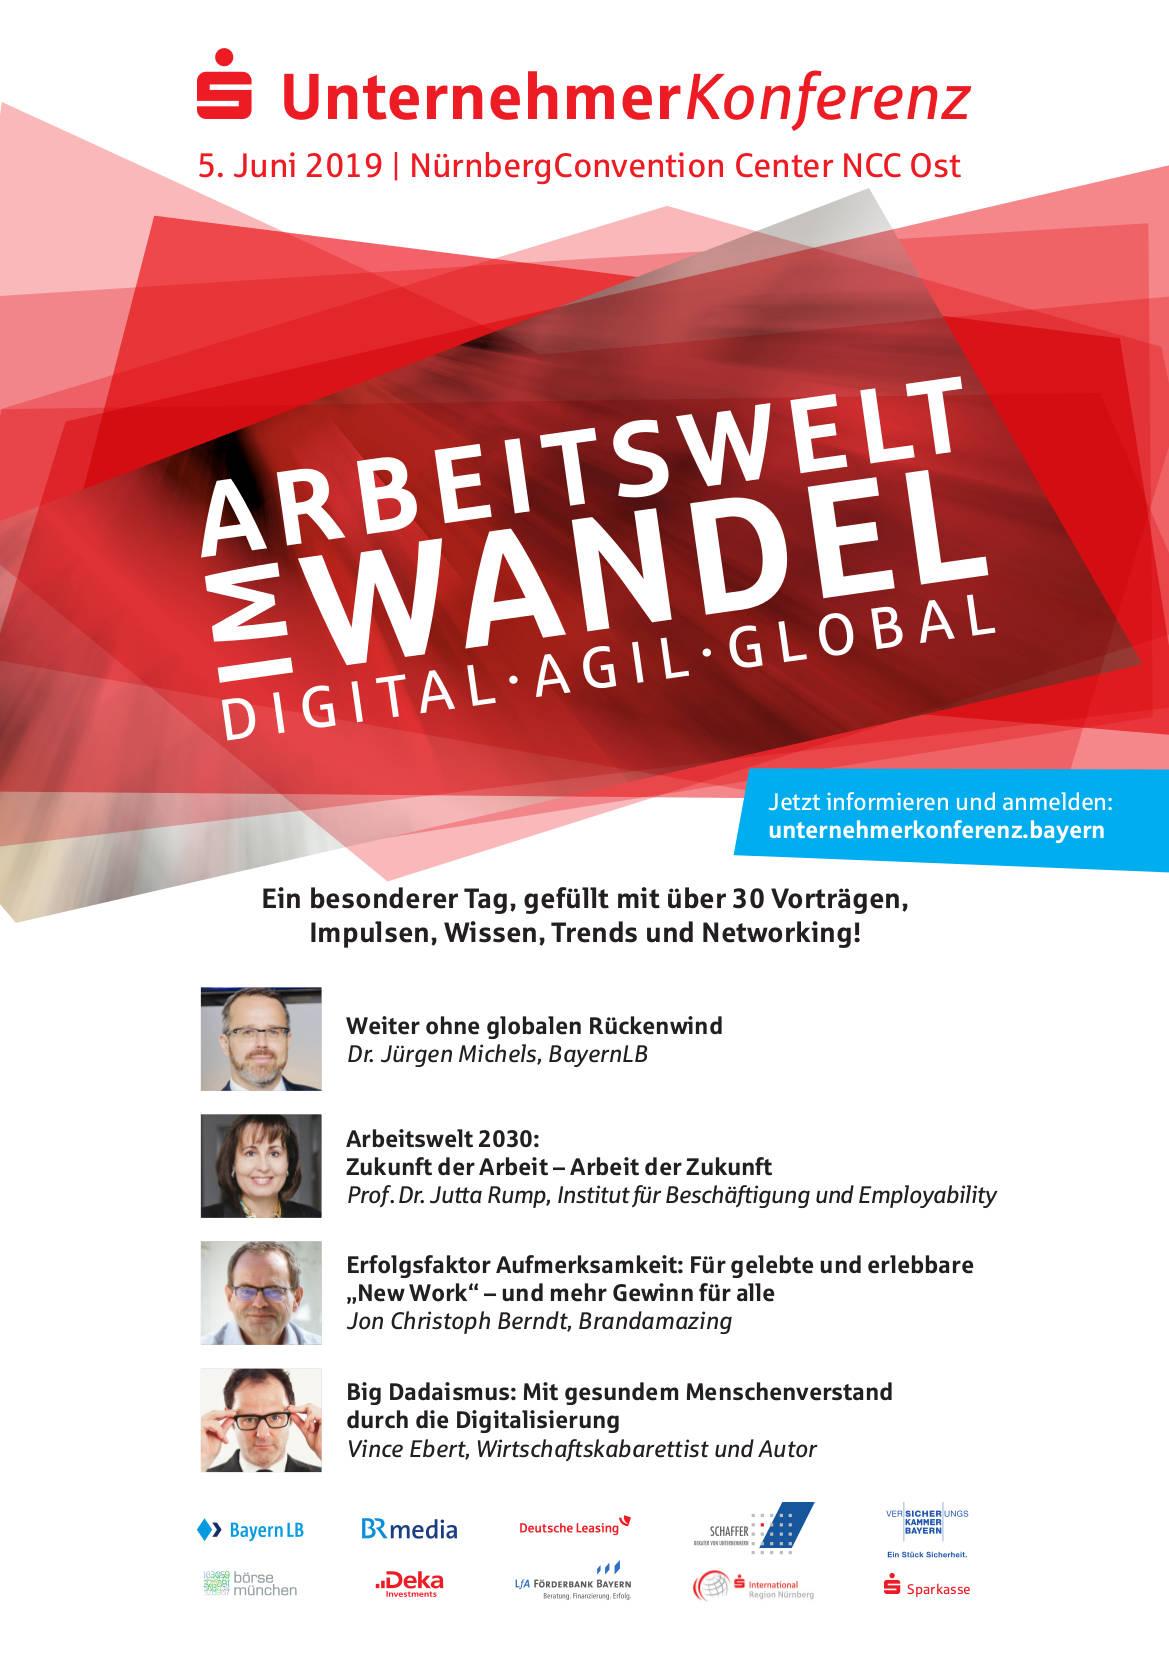 UnternehmerKonferenz 2019: Arbeitswelt im Wandel. Digital. Agil. Global. 6